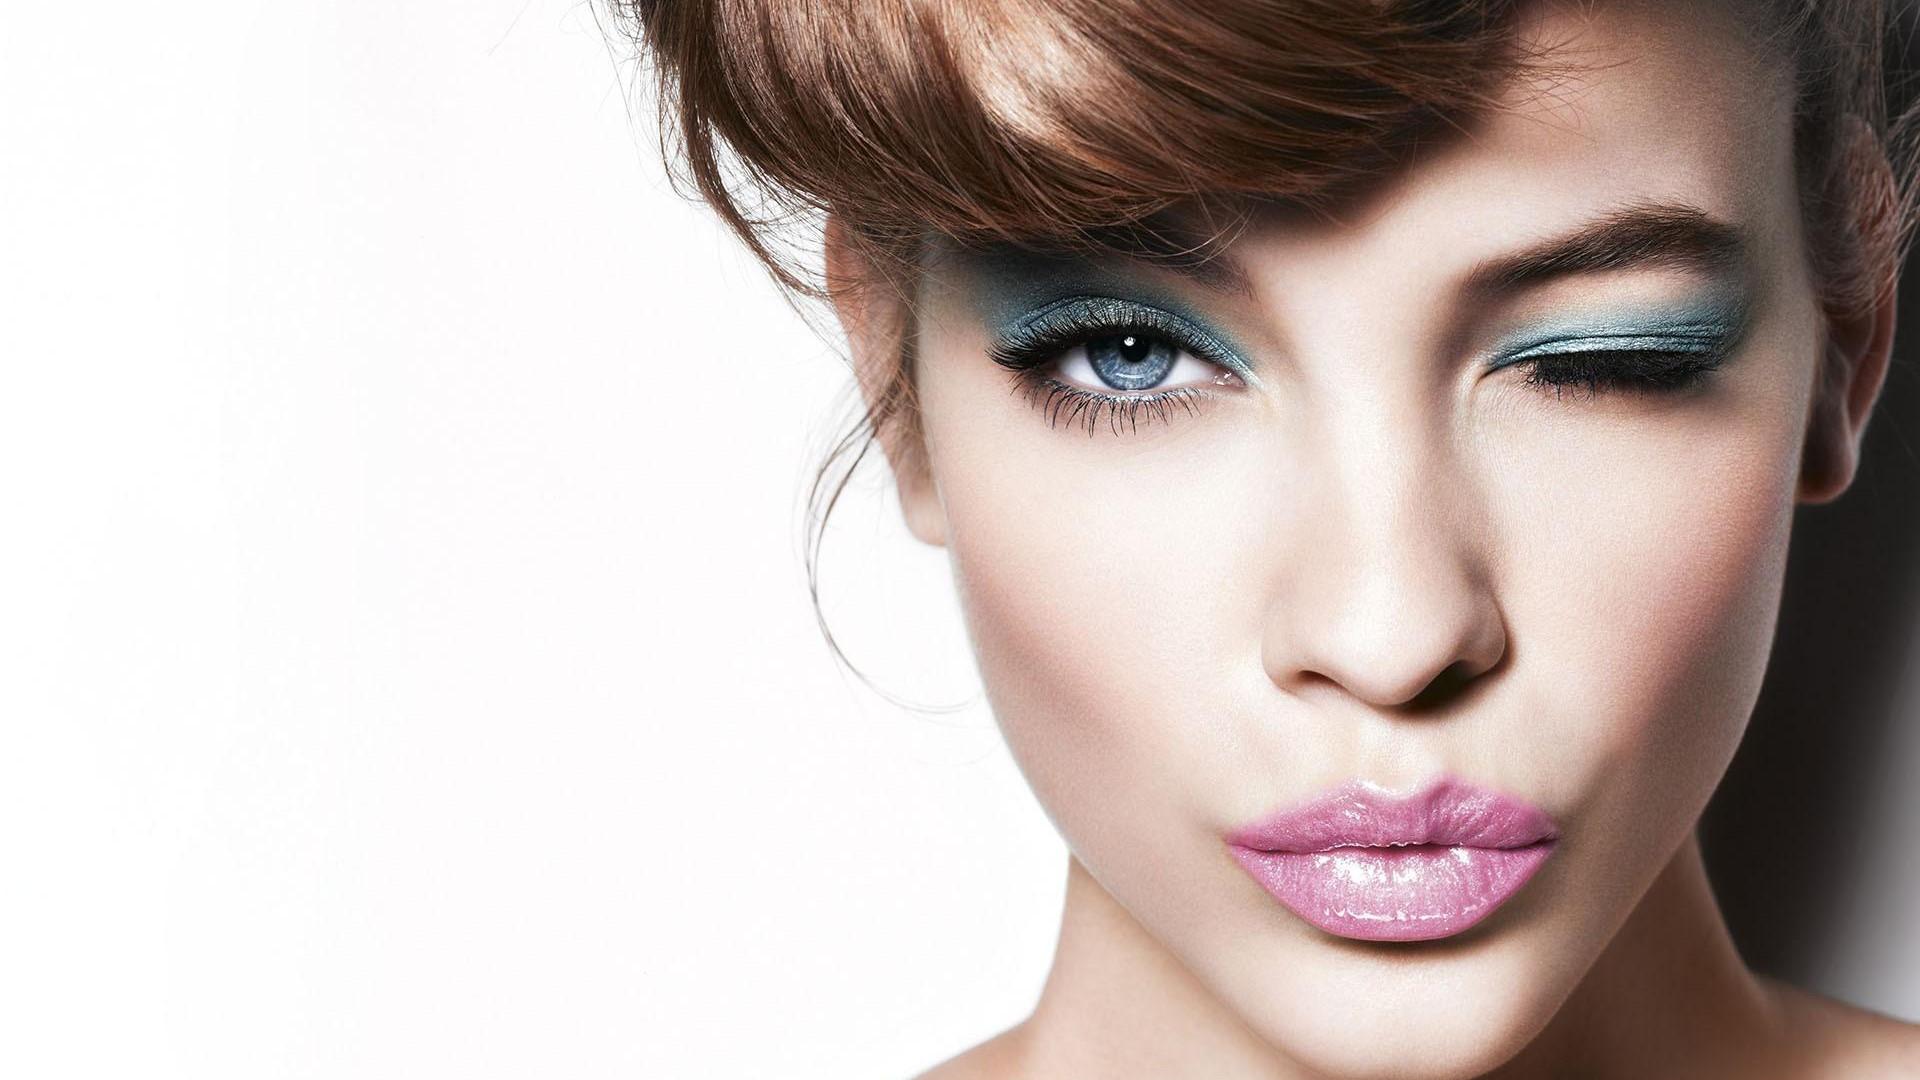 Дневной макияж – простой способ быть привлекательной